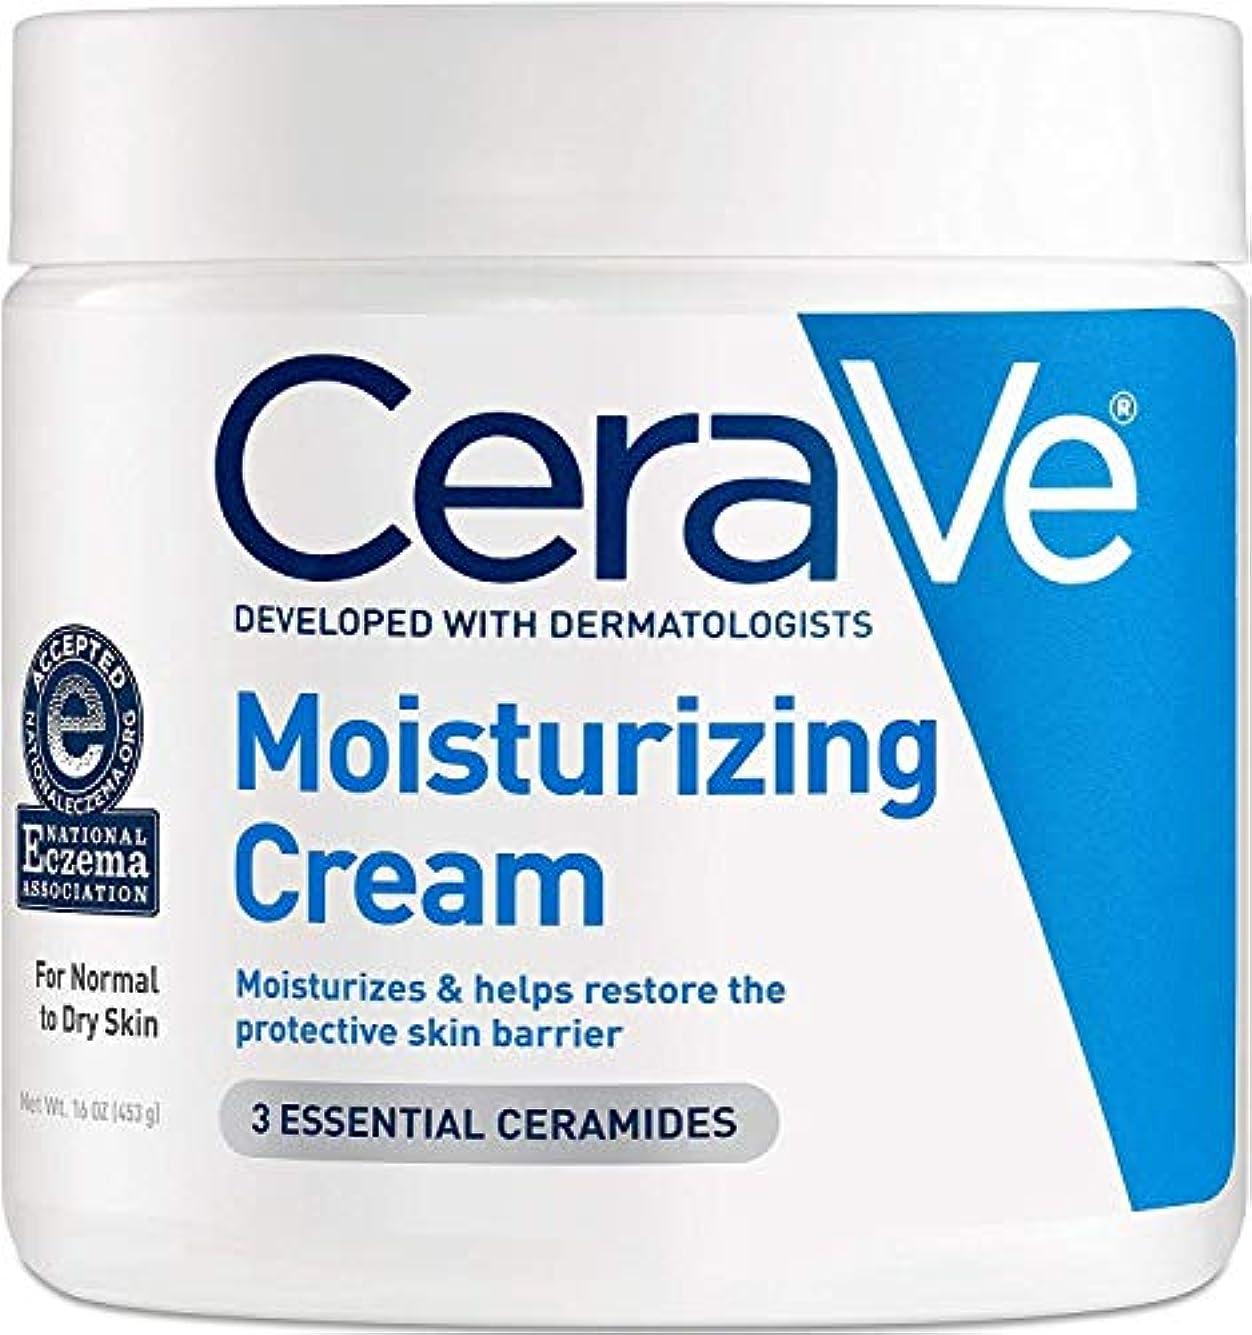 チャーター原子炉即席Cerave Moisturizing Cream, 16 oz [並行輸入品] -2 Packs